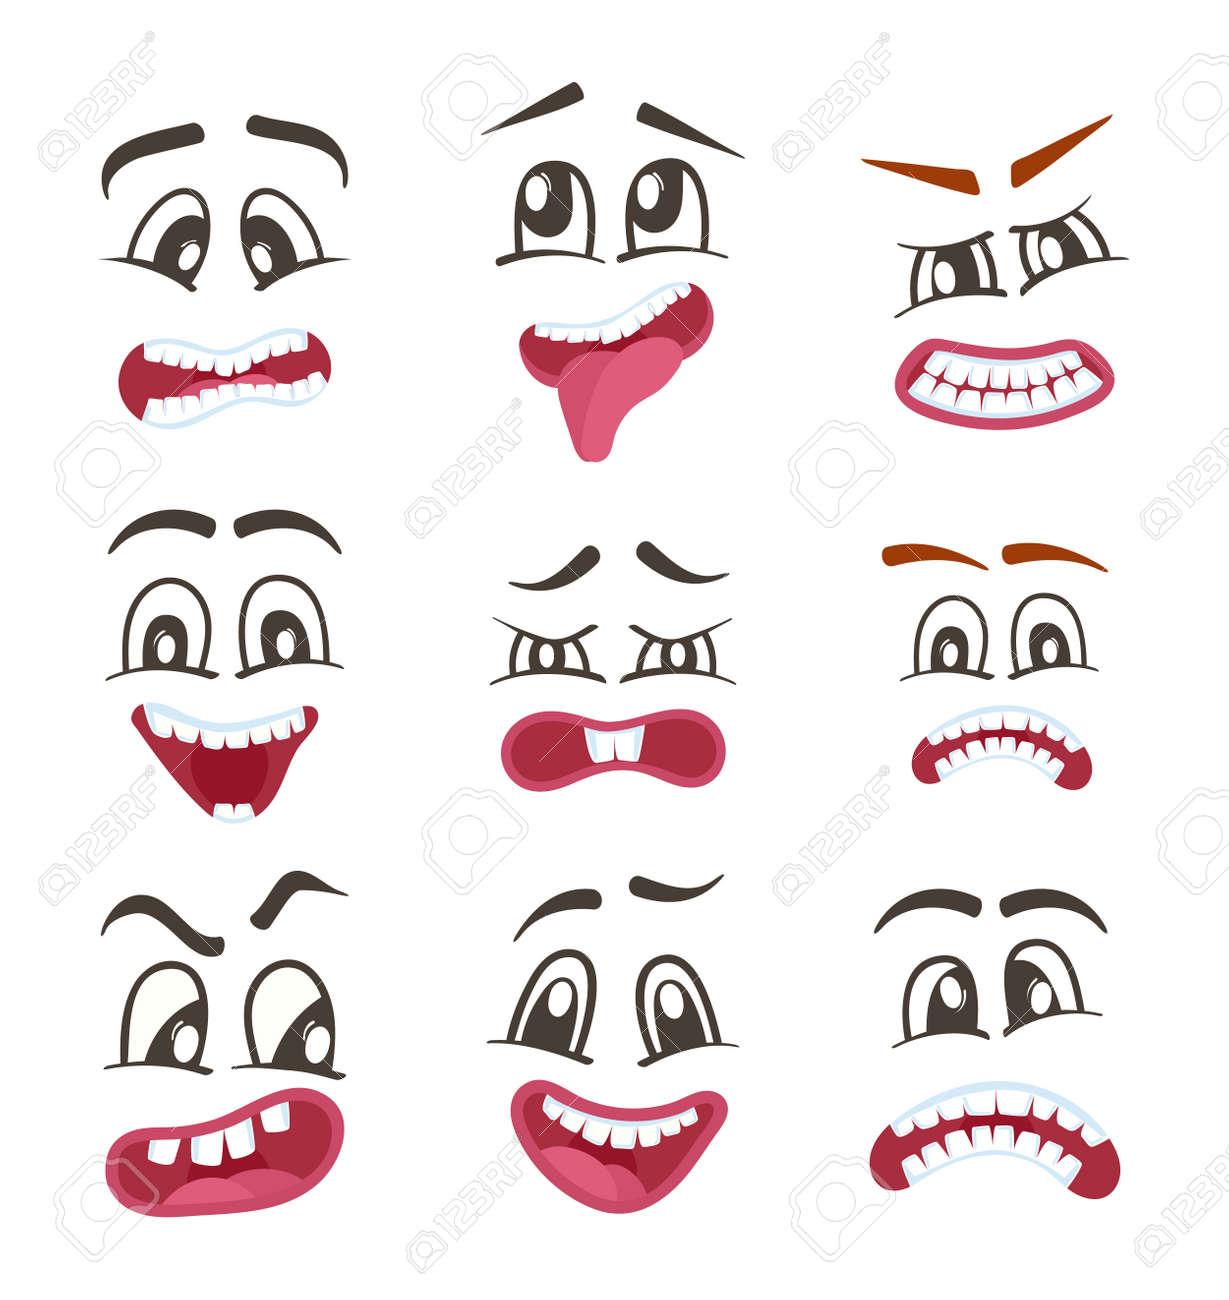 スマイル顔の表情セット分離ベクトル イラスト幸福怒り喜び恐怖